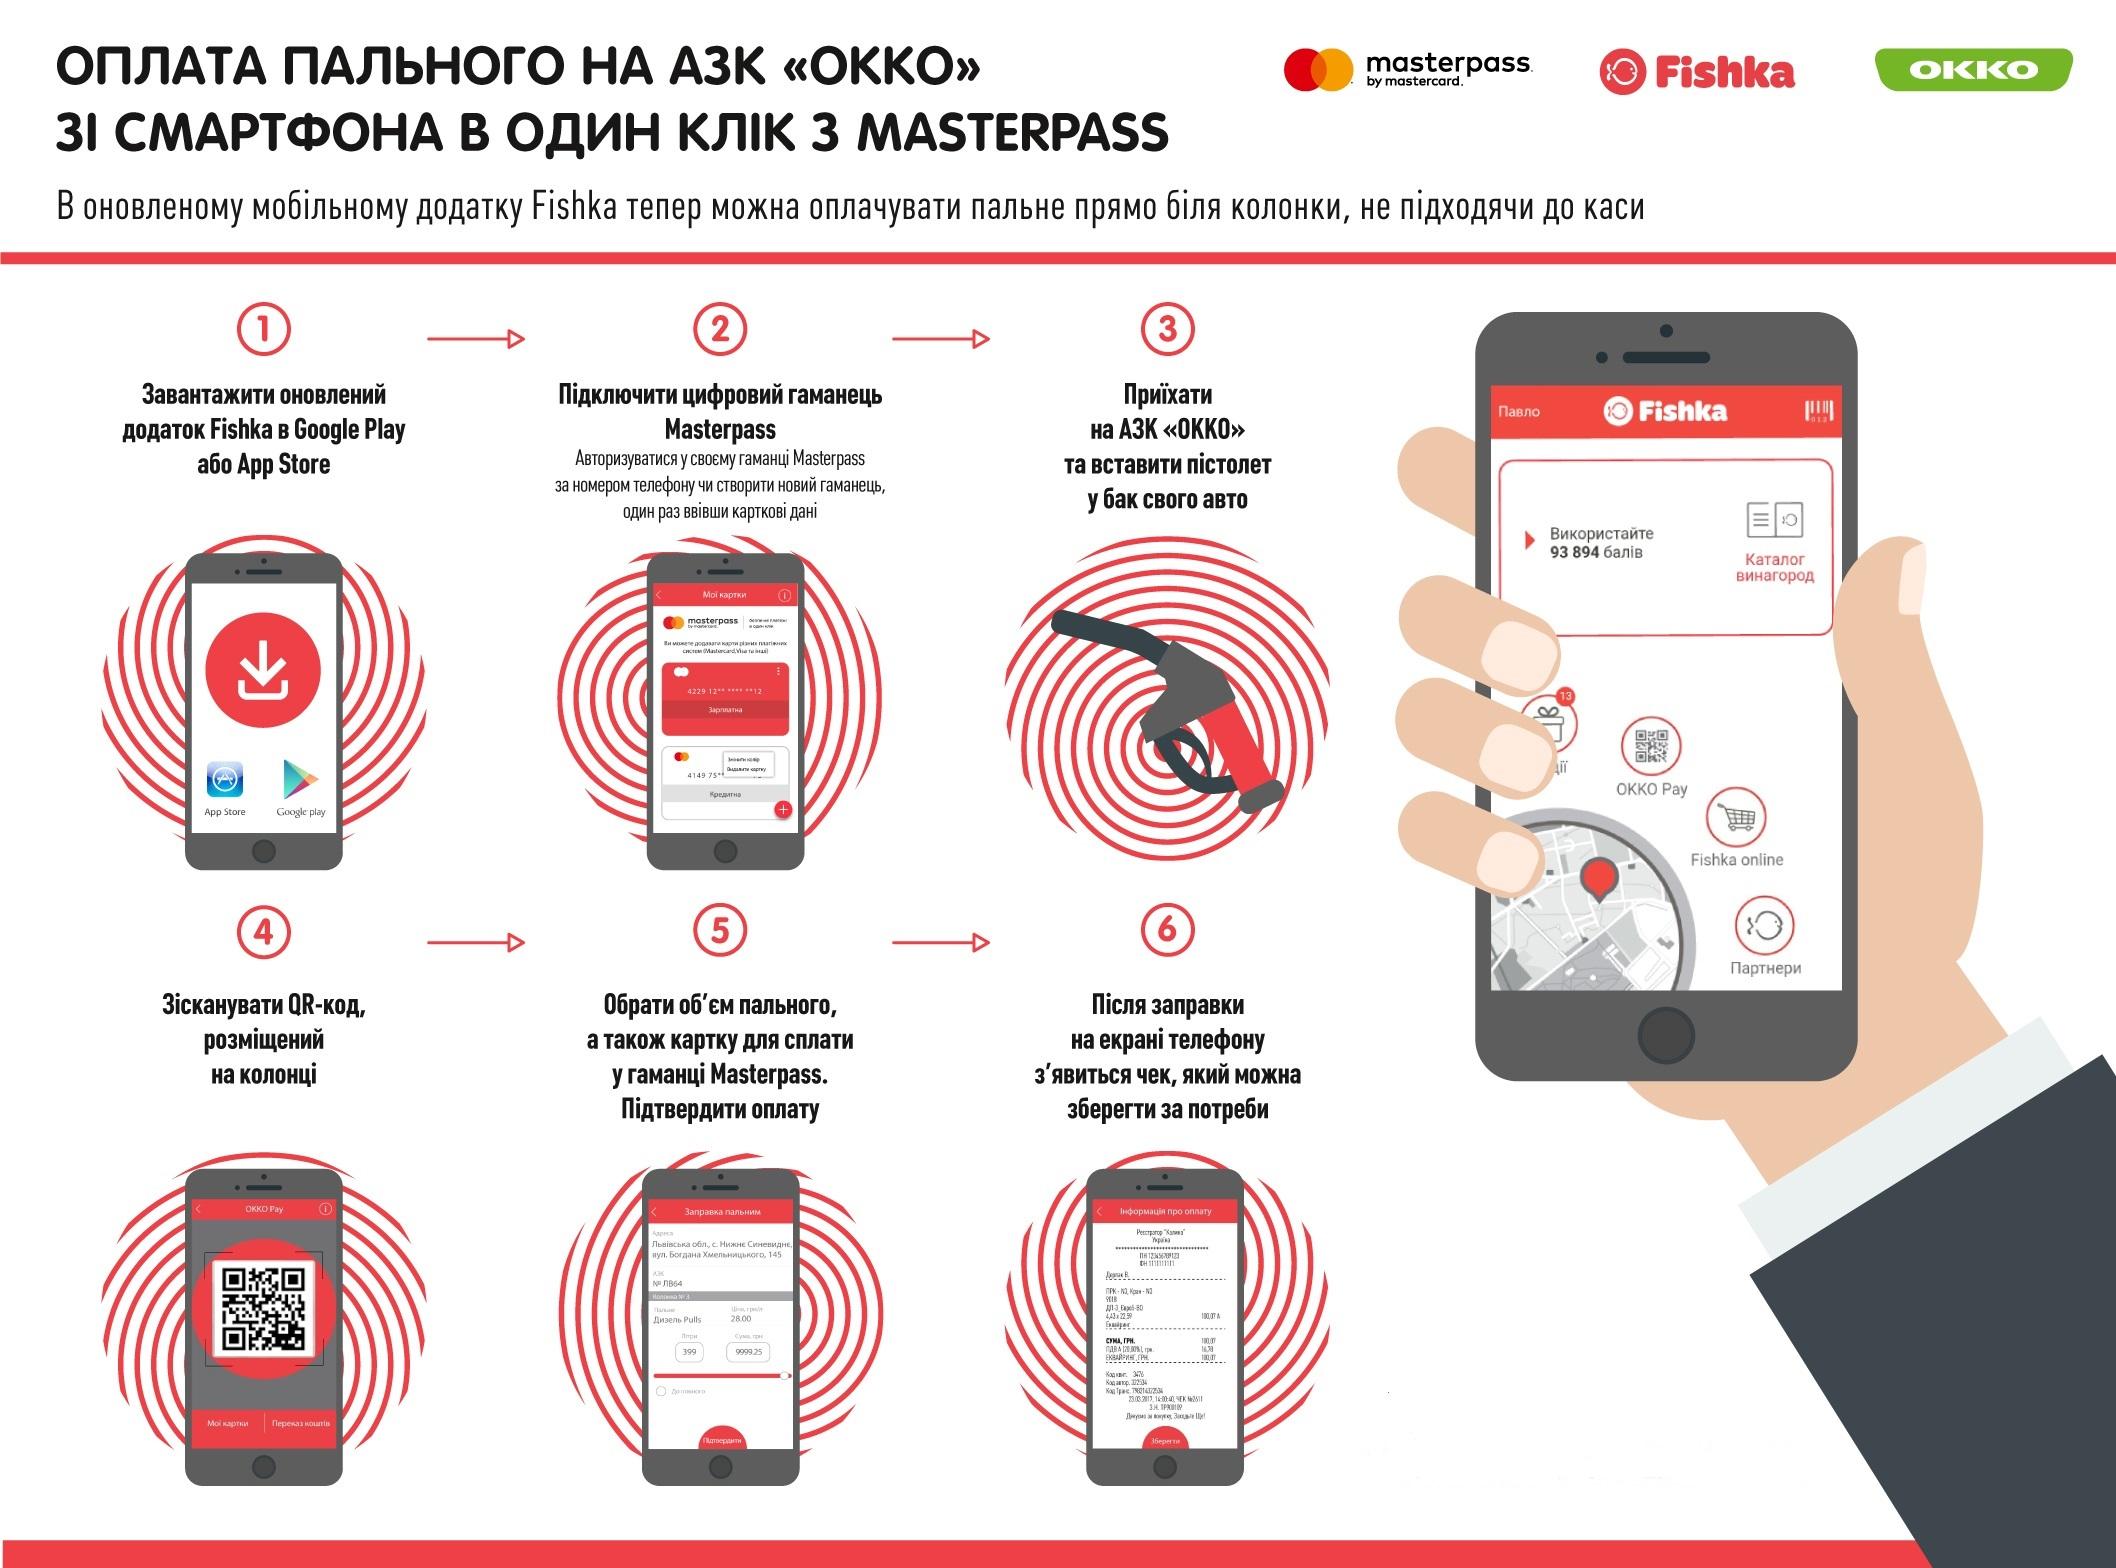 Сервис ОККО Pay стал доступным по всей Украине 1